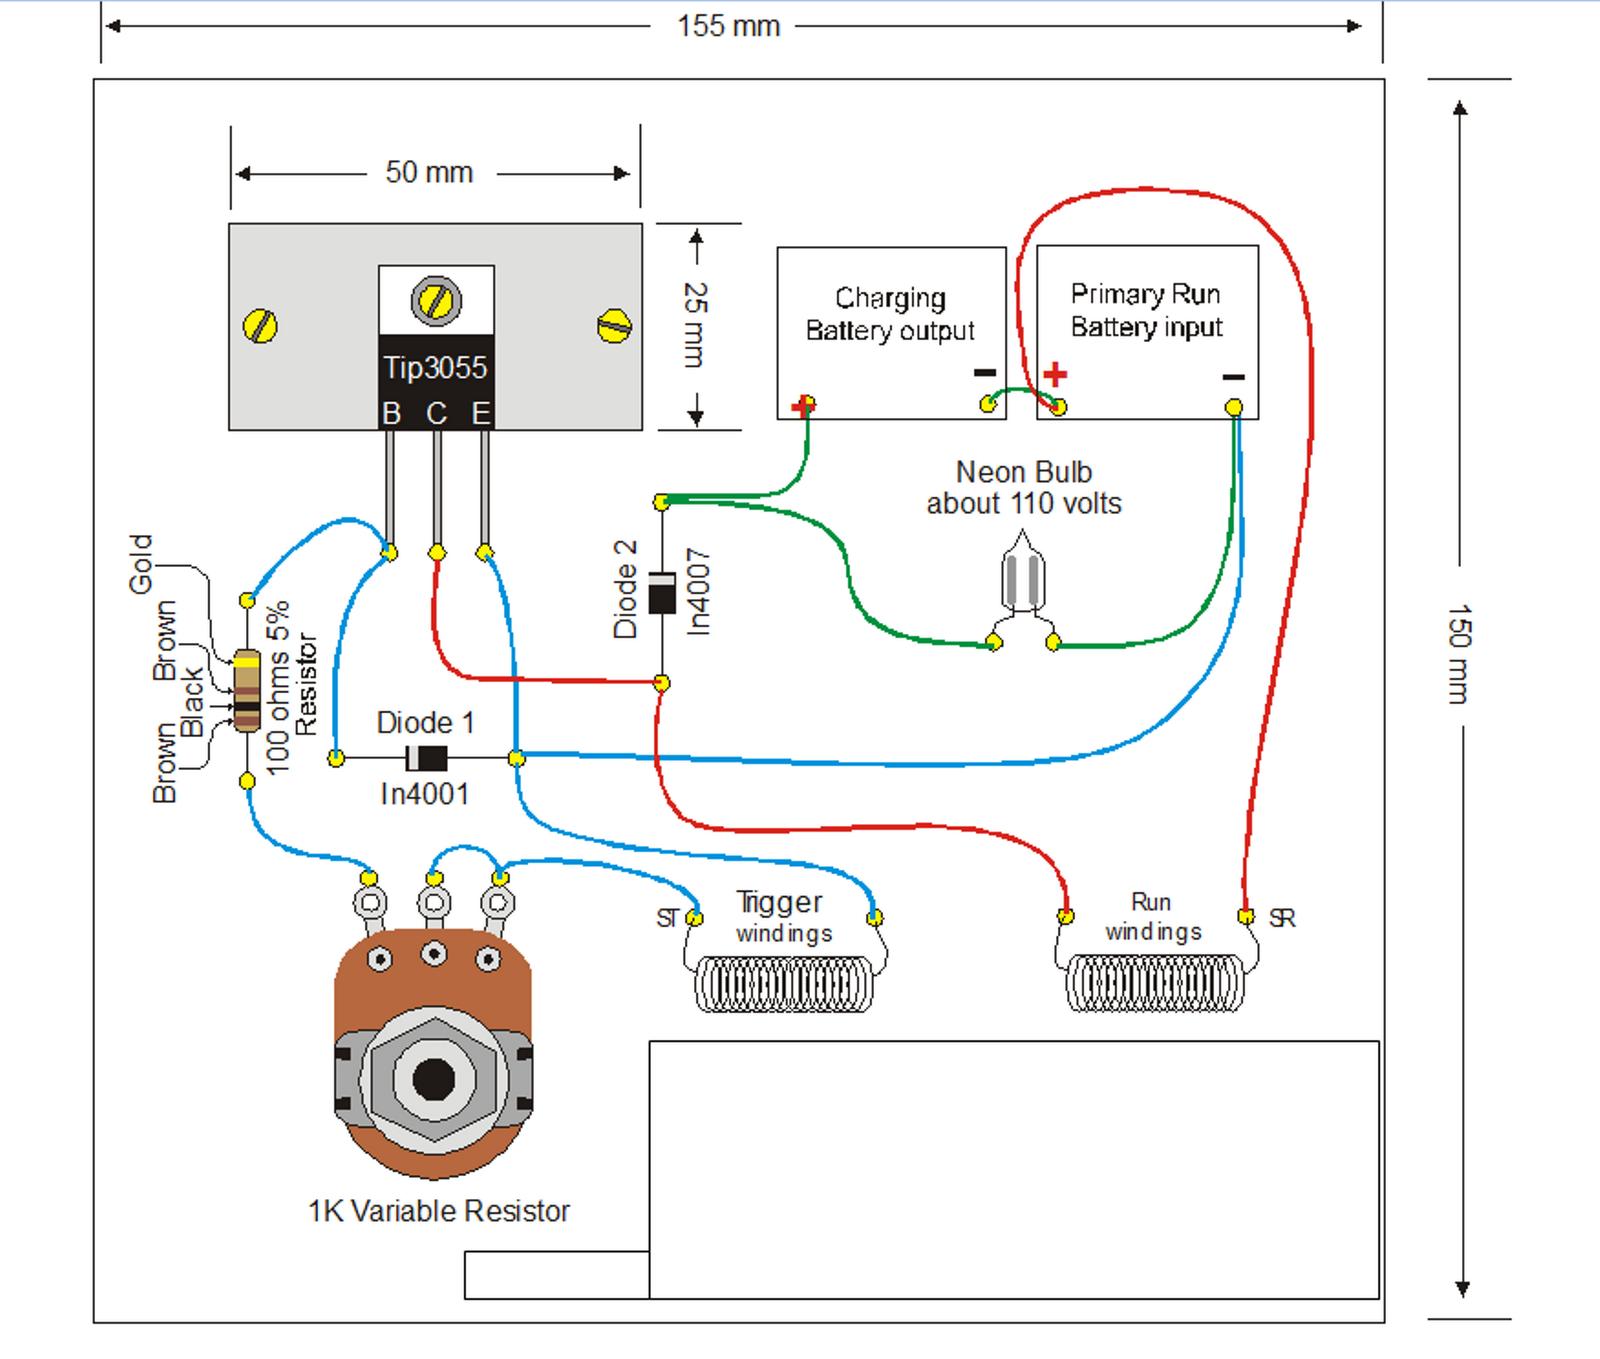 wein bridge oscillator circuit diagram sl5 swm wiring schematic get free image